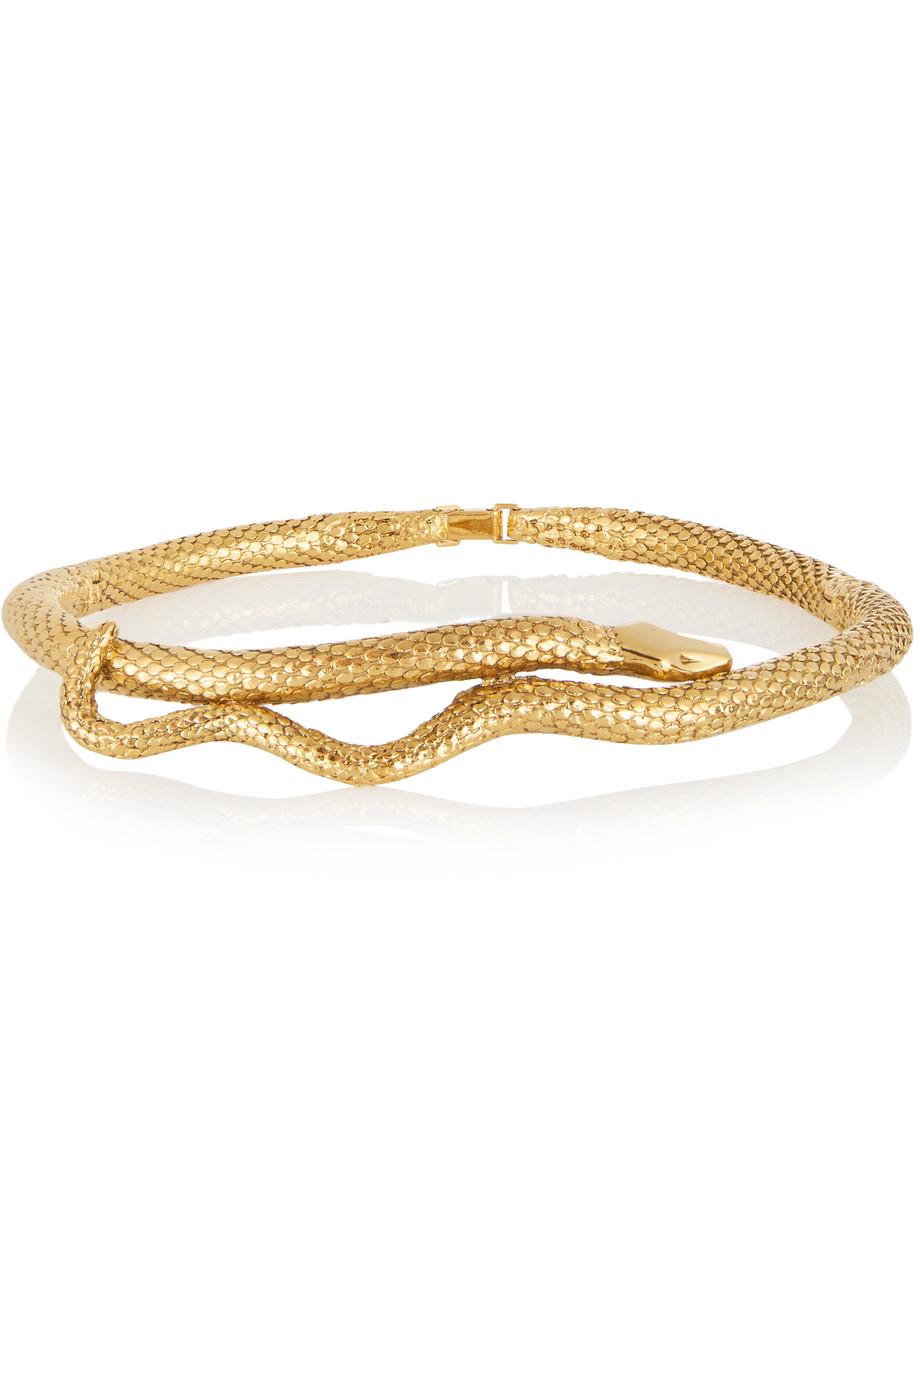 Snake Gold-Plated Choker, Aurélie Bidermann, Women's